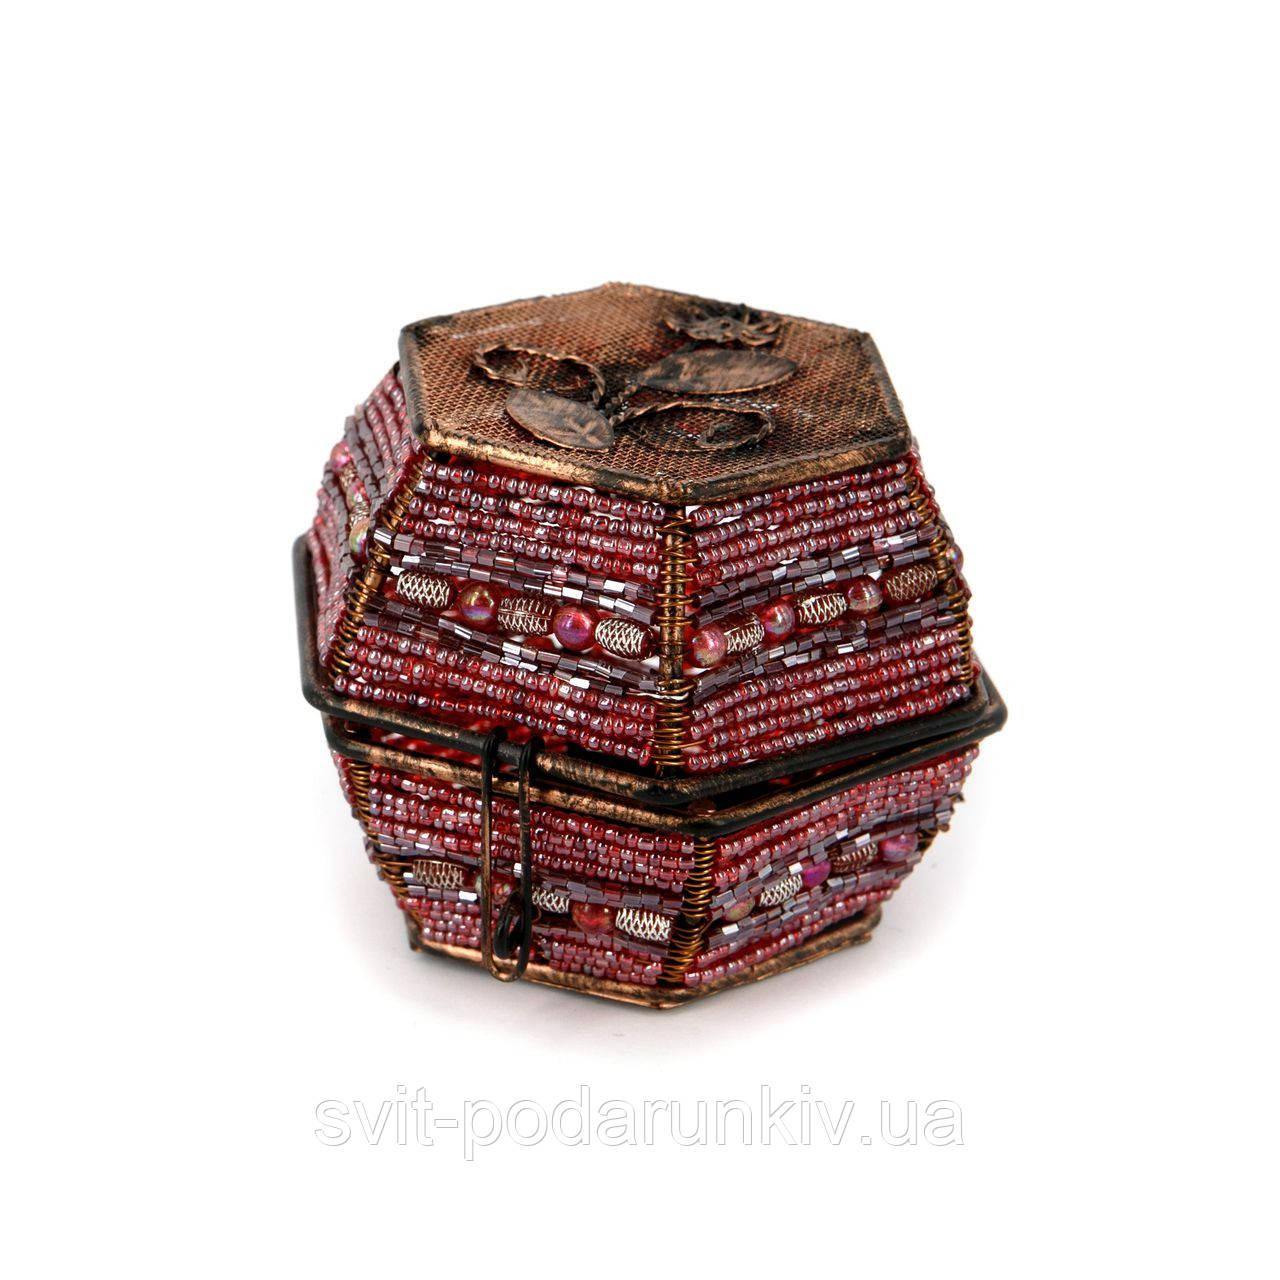 Шкатулка для украшений и драгоценностей из бисера розовая SА-3